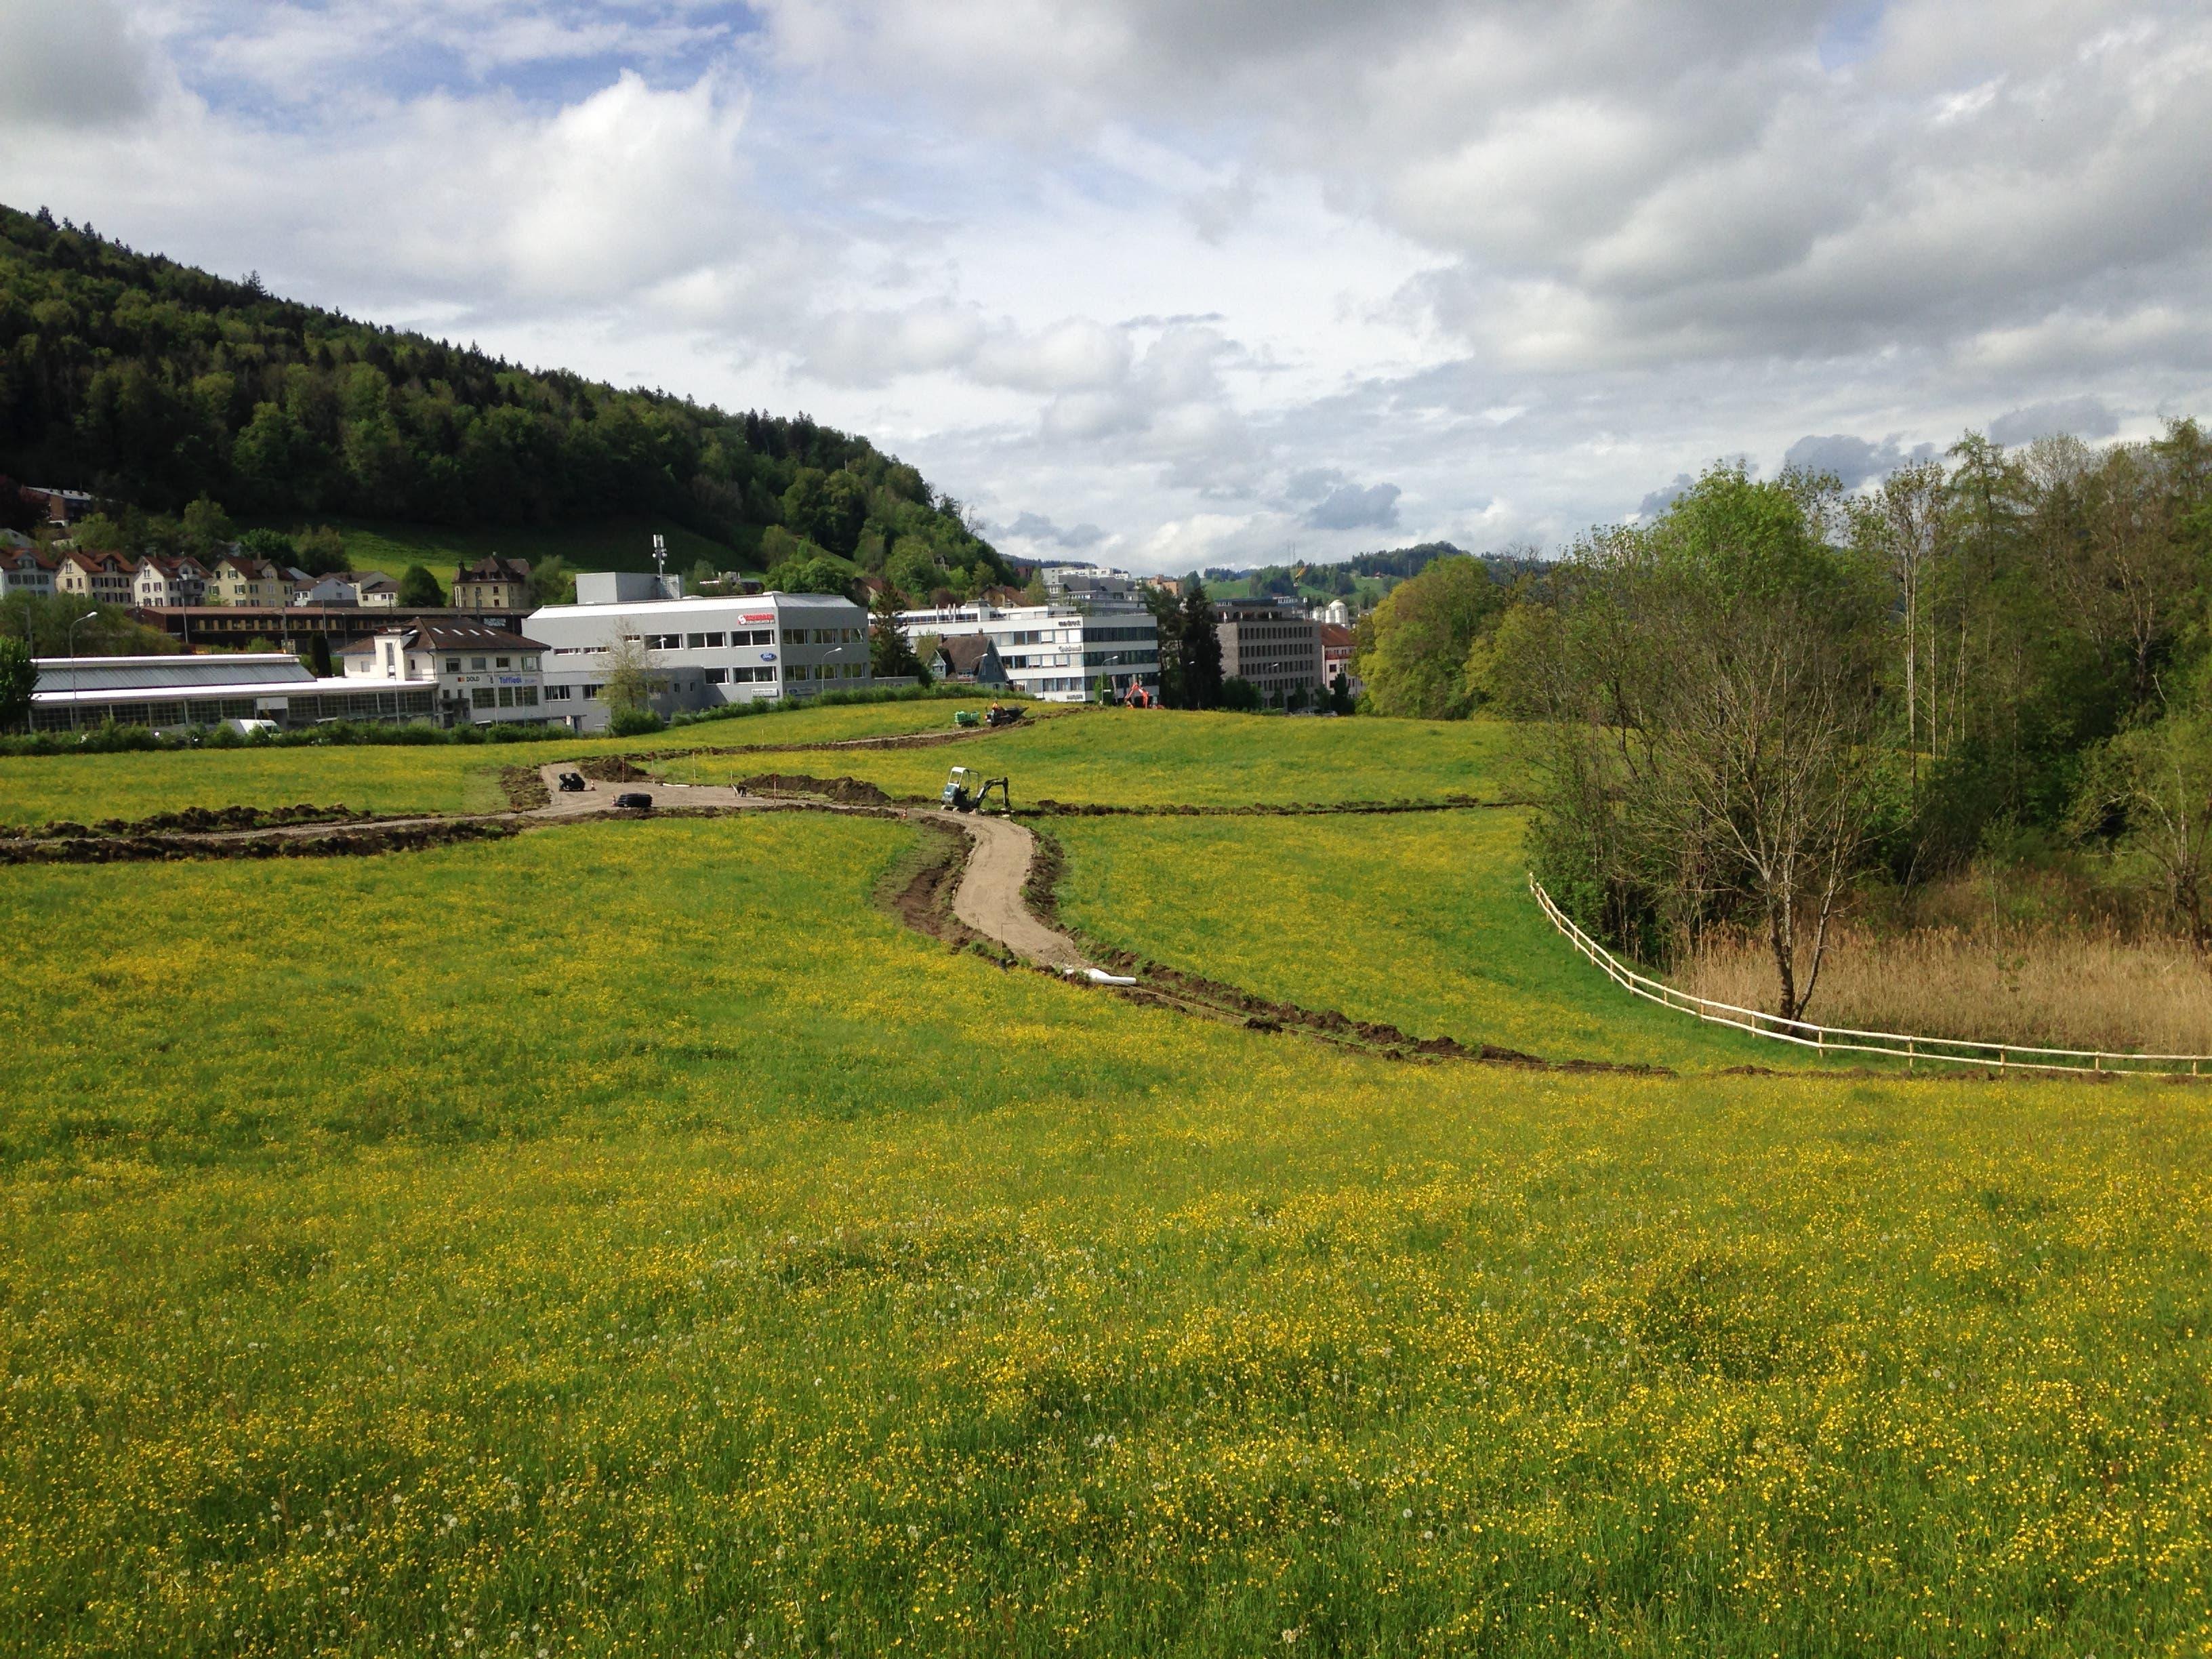 Die Trassen fürs Wegnetz schlängeln sich durchs grüne Gelände.